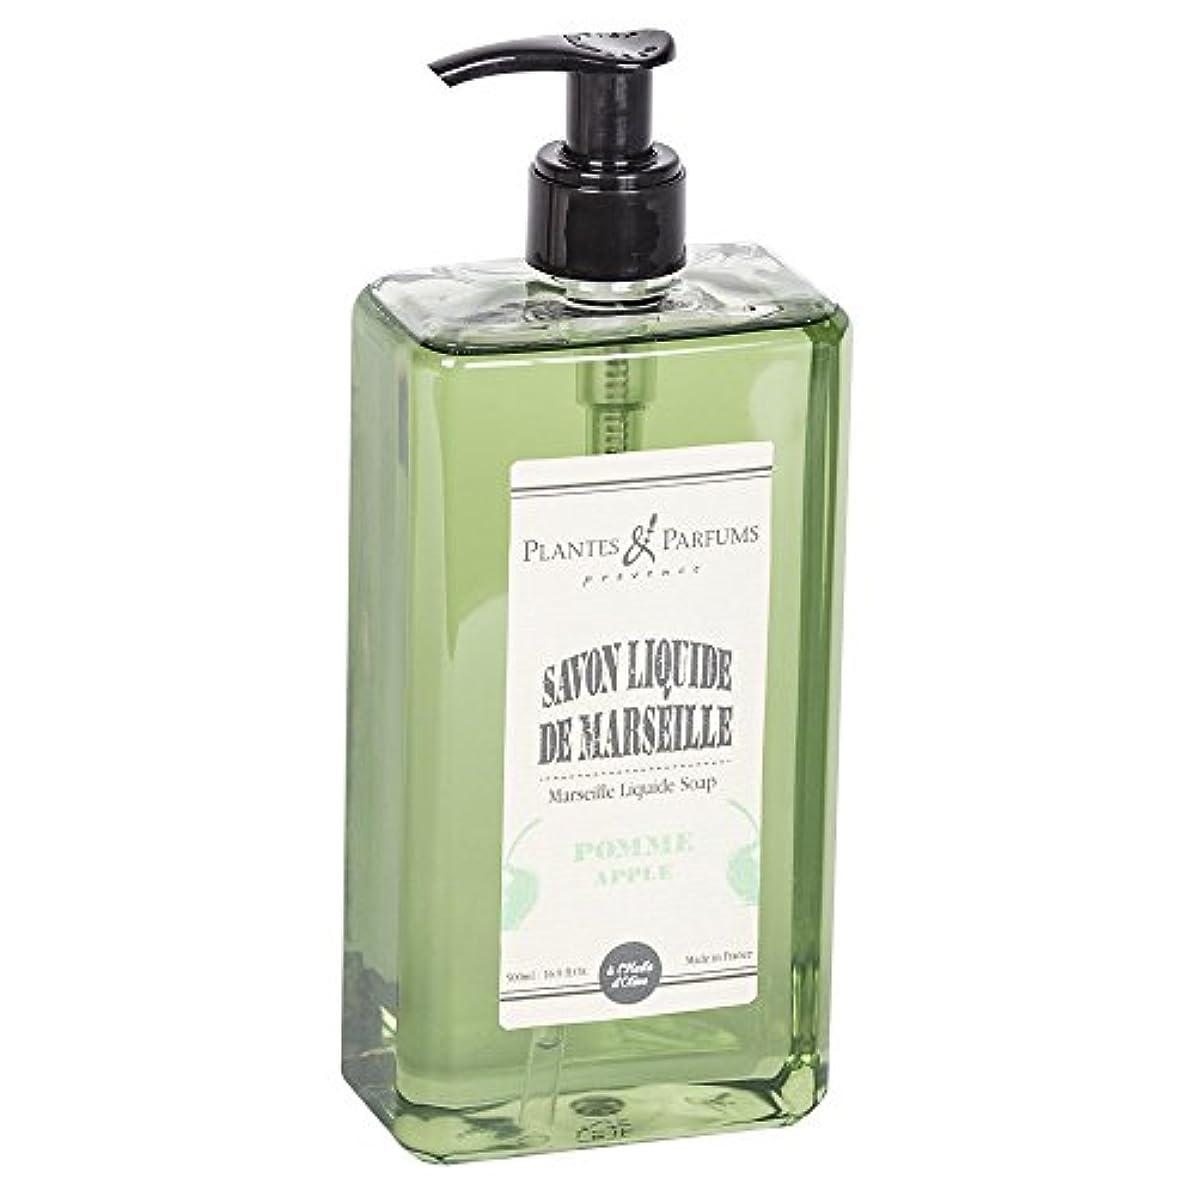 うなずくチャペル会員Plantes&Parfums [プランツ&パルファム] マルセイユリキッドソープ アップル